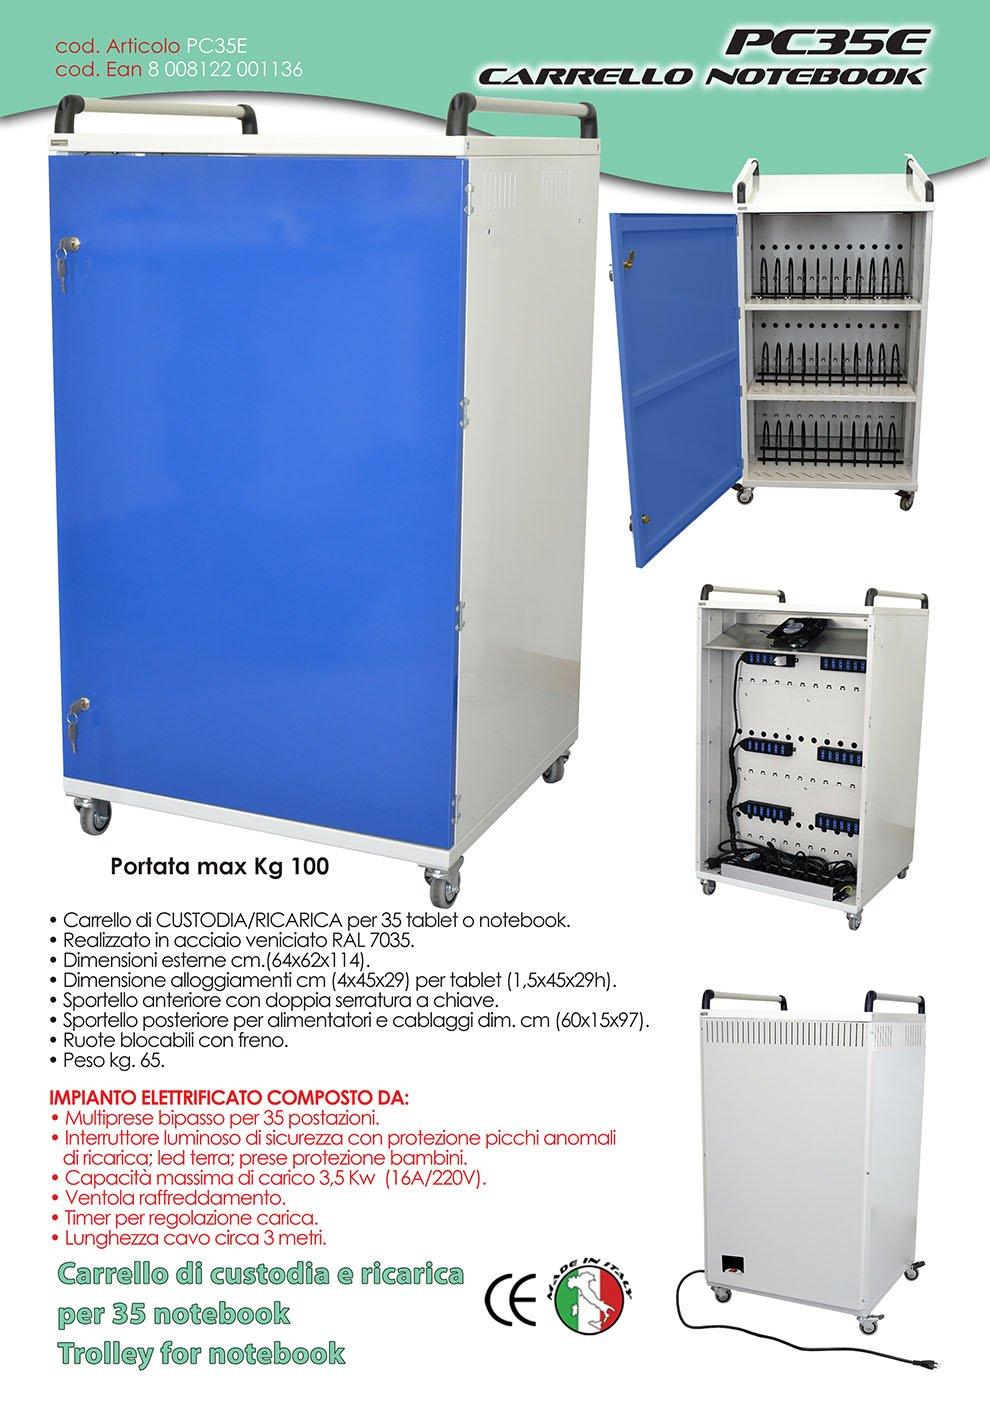 pc35e carro de seguridad para la carga y funda de ordenador portátil o tablet de 35 postazioni elettrificate: Amazon.es: Electrónica